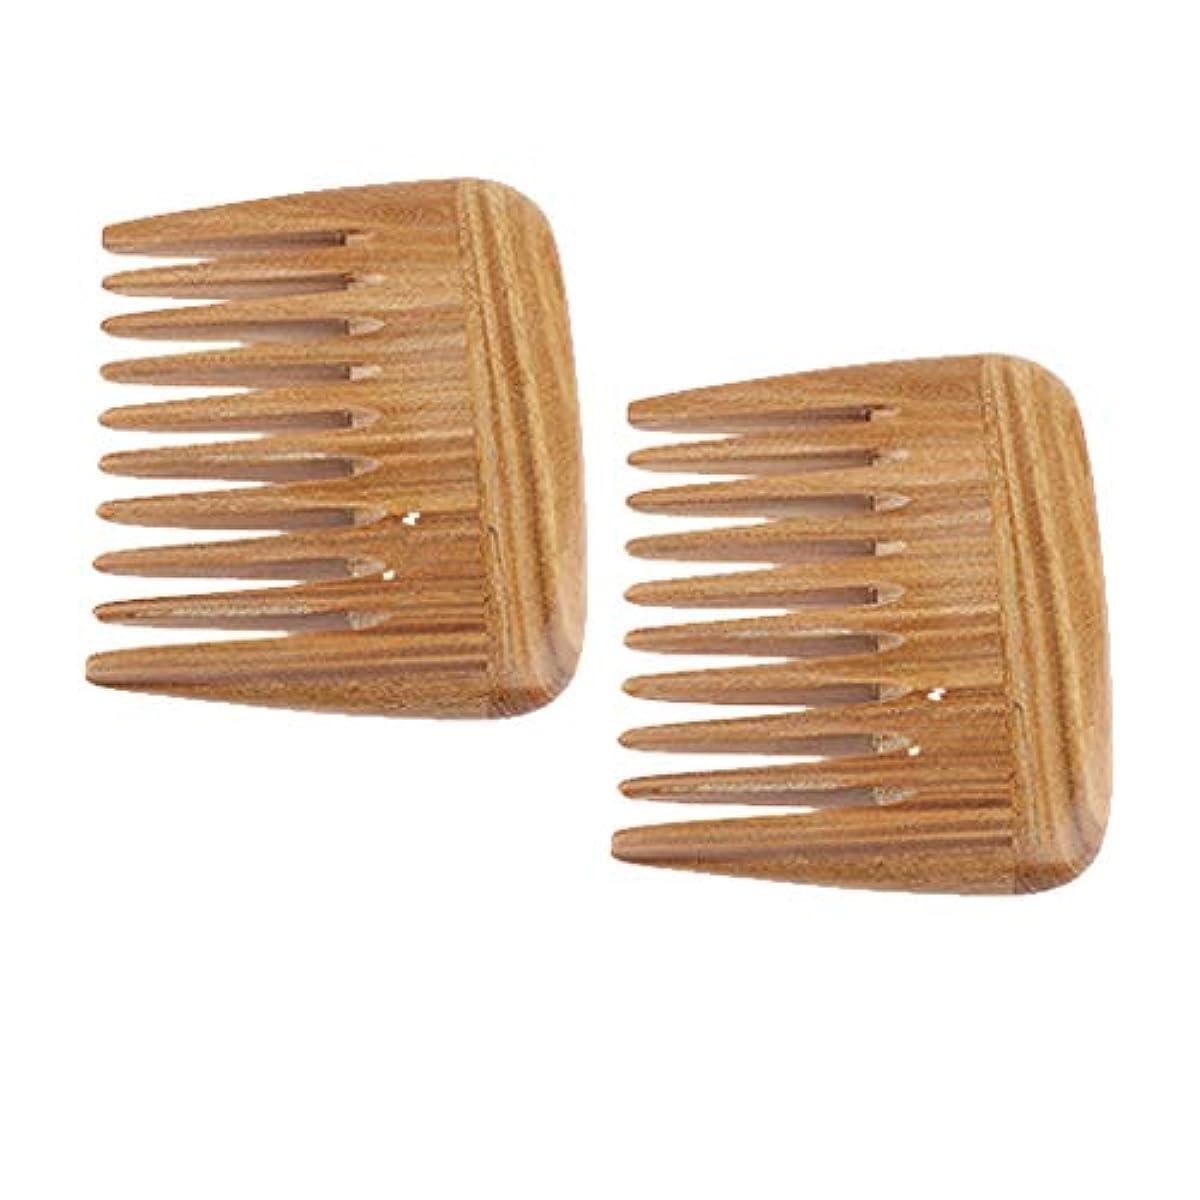 時折最も早いあなたは2個 静電気防止櫛 ポケット 広い歯 ヘアコーム 木製櫛 プレゼント